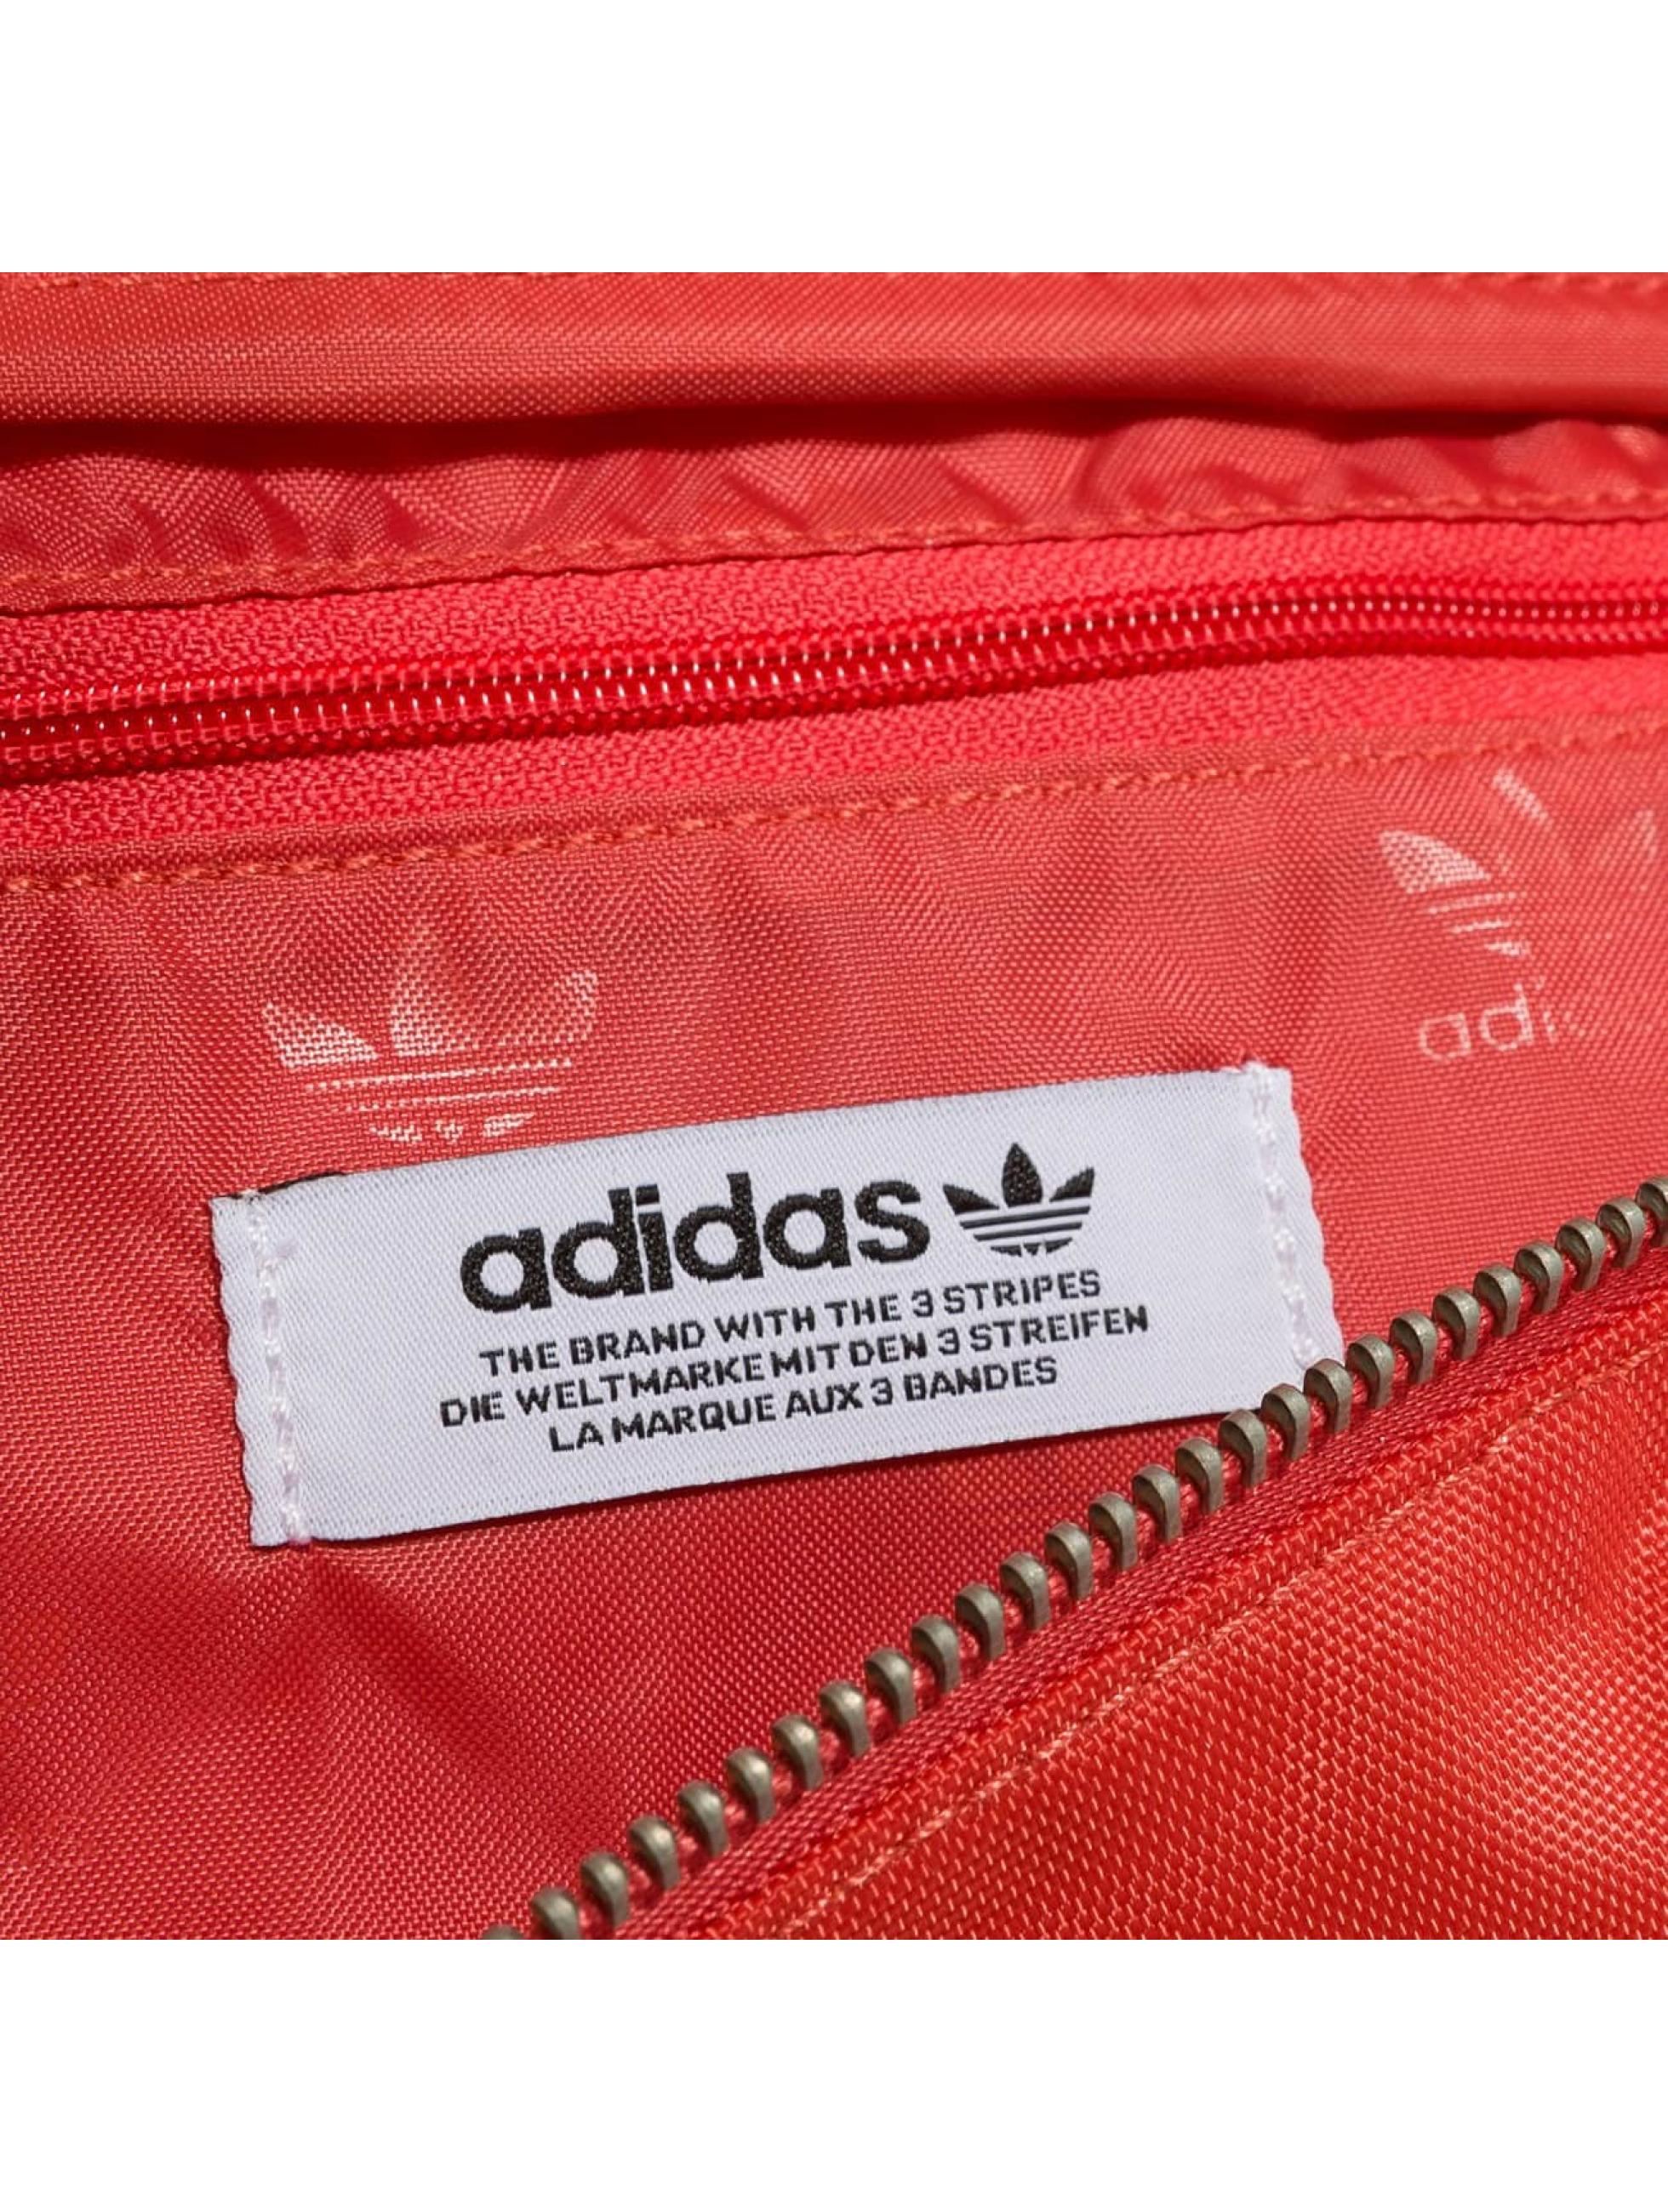 adidas originals Bag Basic red